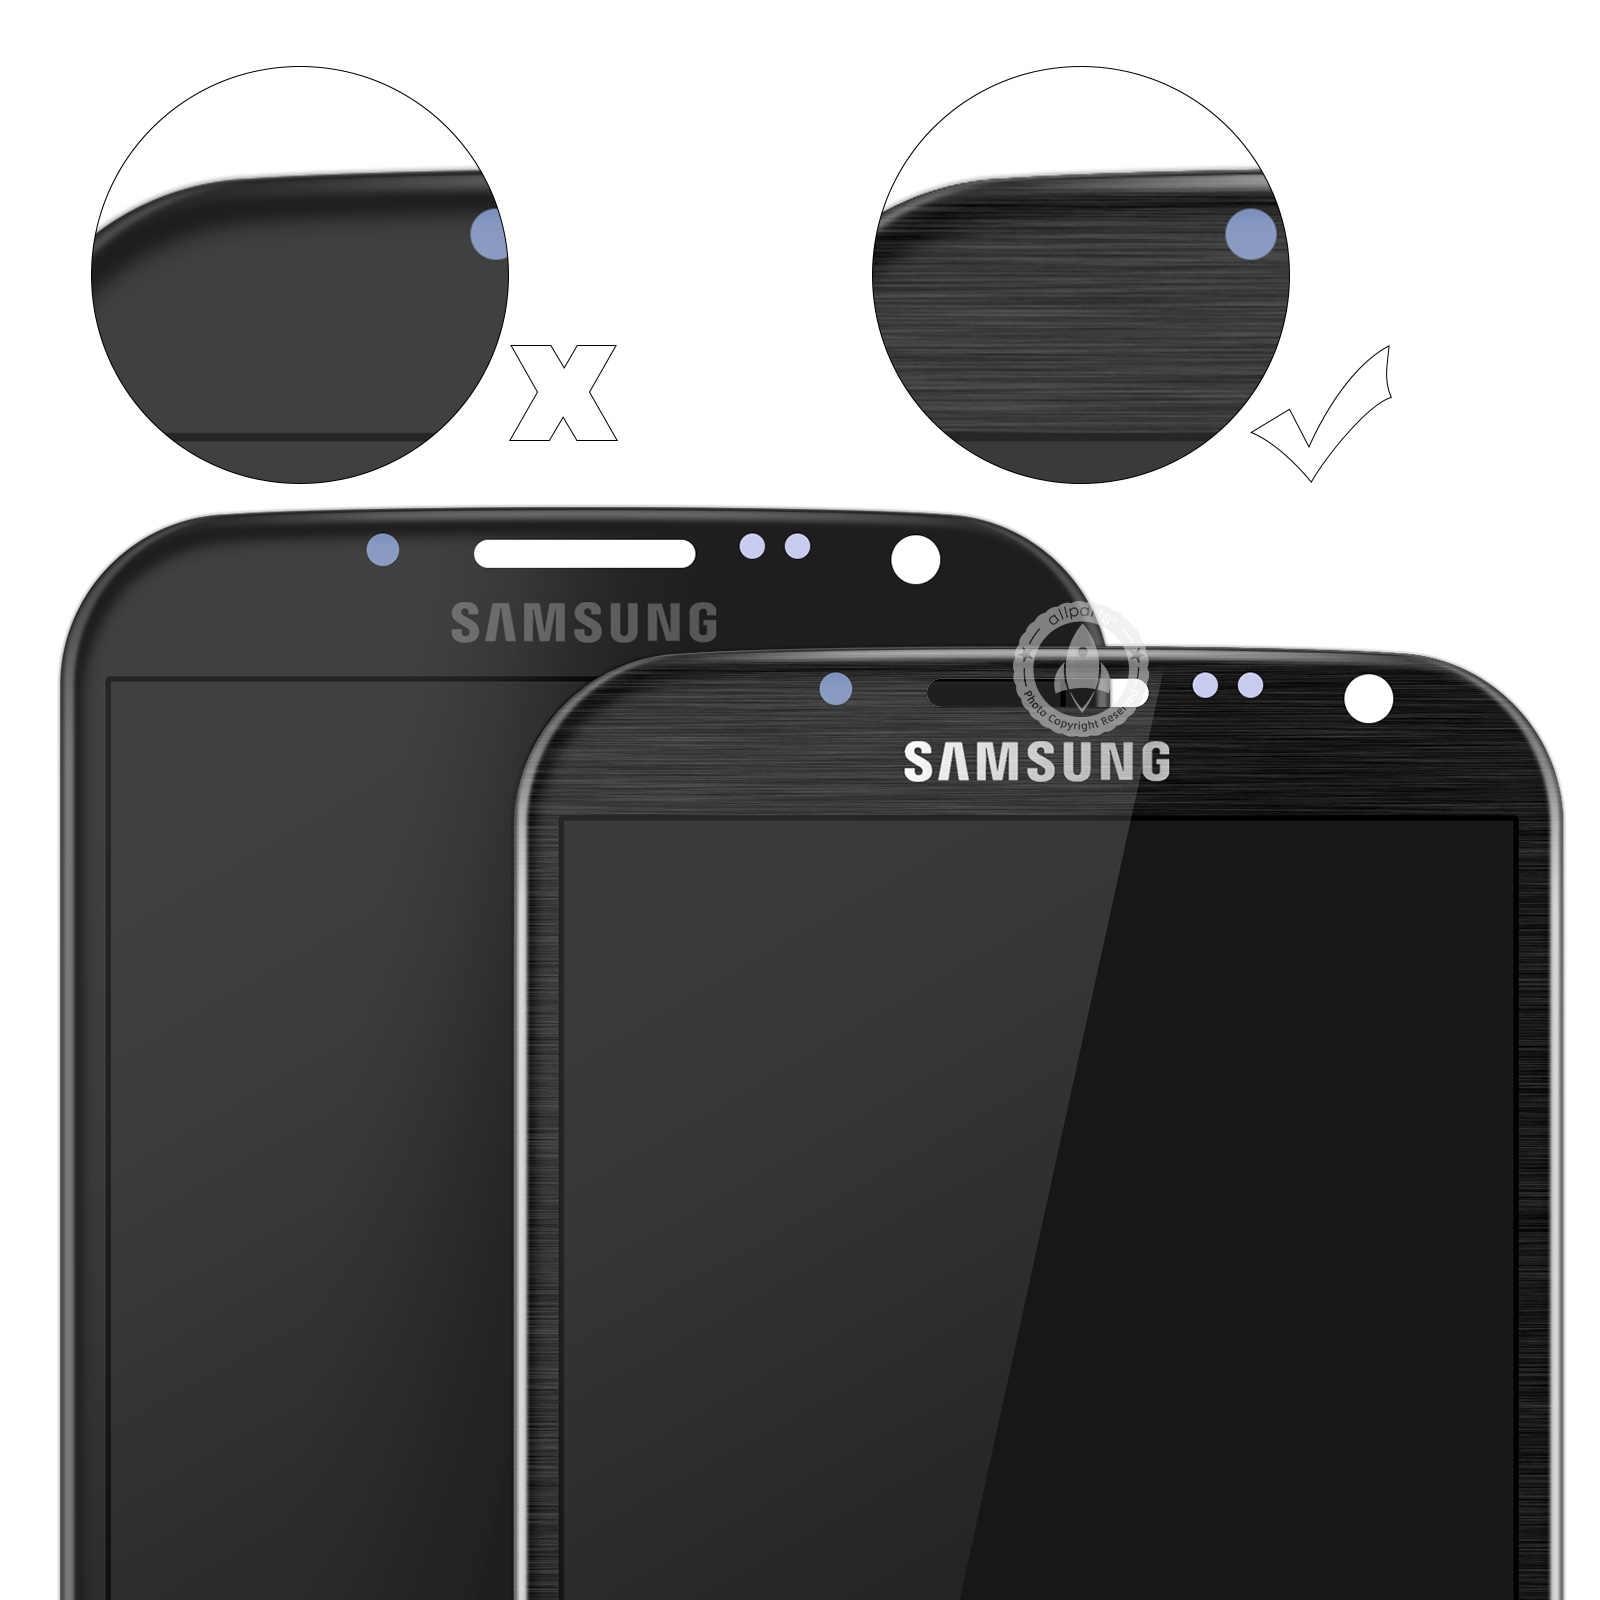 100% Nguyên Bản AMOLED Màn Hình Dành Cho Samsung Galaxy Note 2 Màn Hình Cảm Ứng LCD Bộ Số Hóa Có Khung Thay Thế Note II N7105 N7100